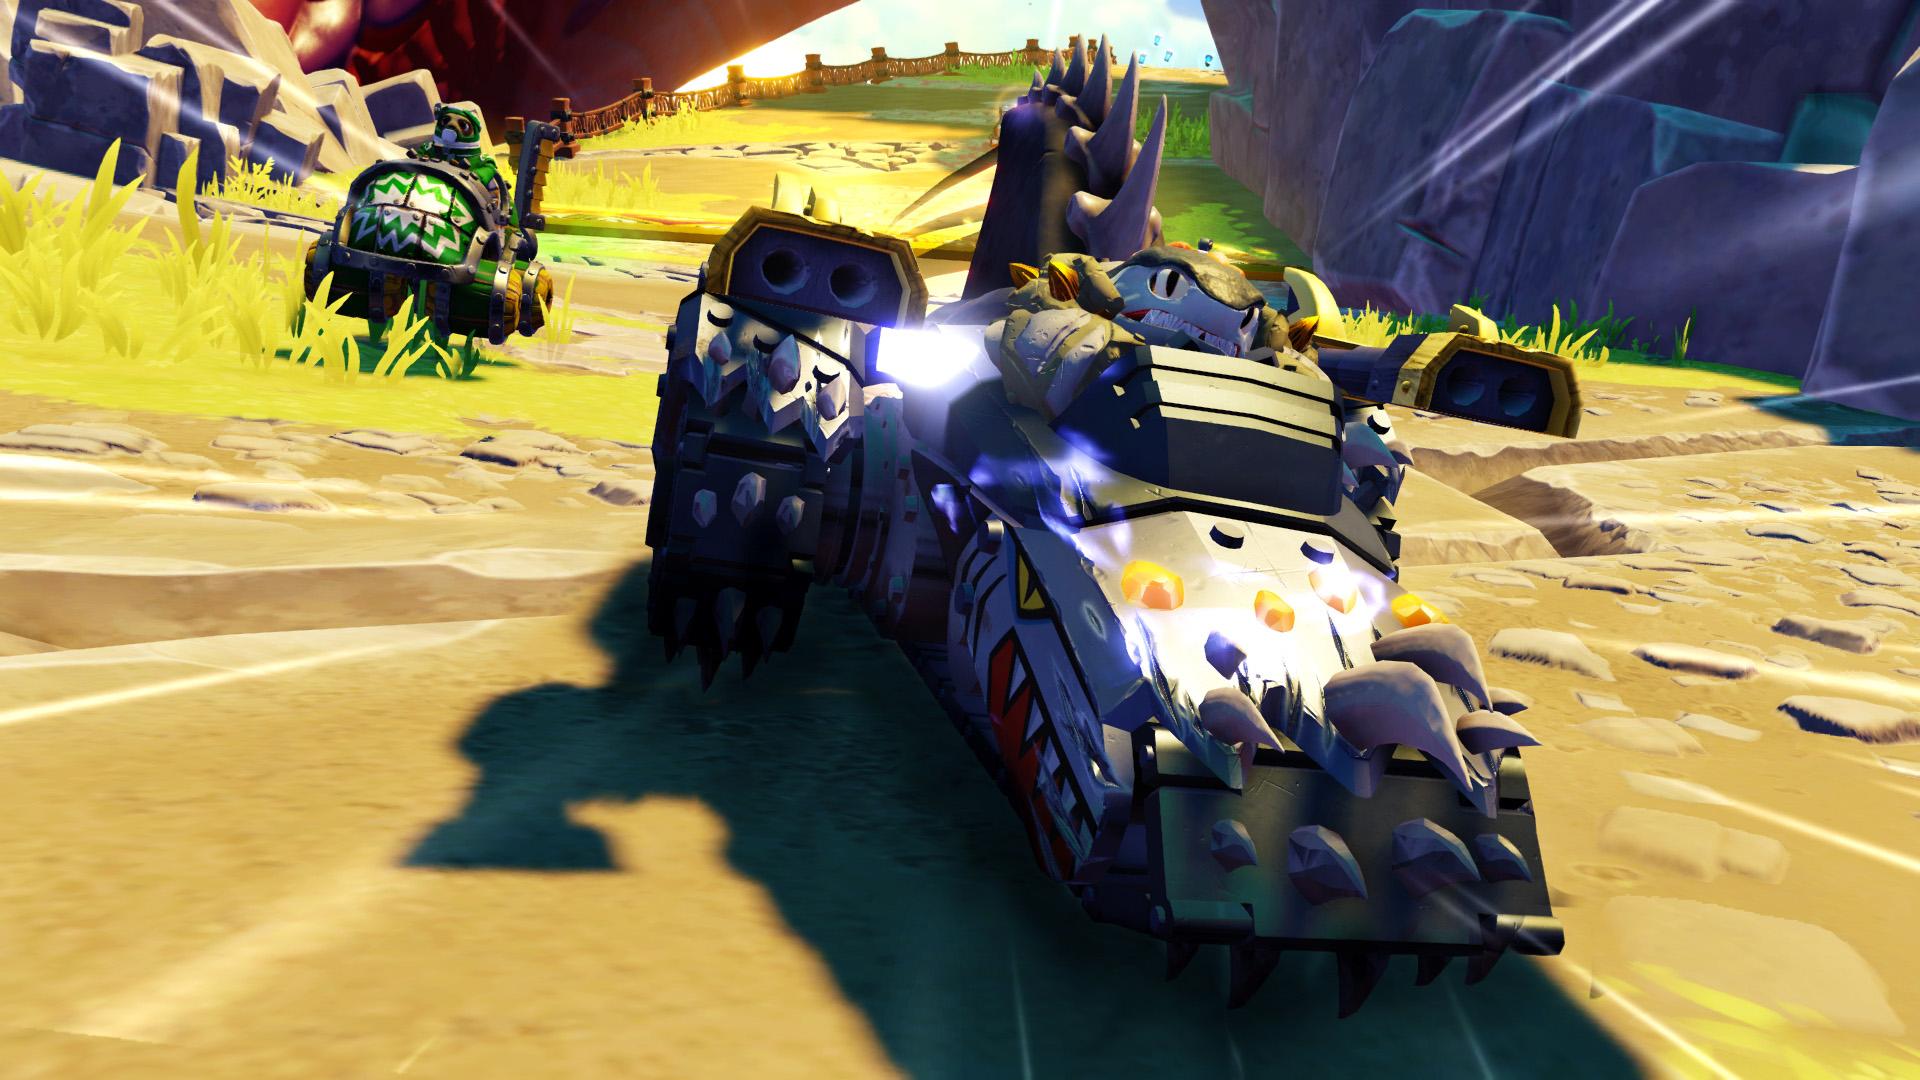 [Juego] Mira la imagen y adivina el videojuego  - Página 6 SSC_SuperCharged_Shark_Tank.0